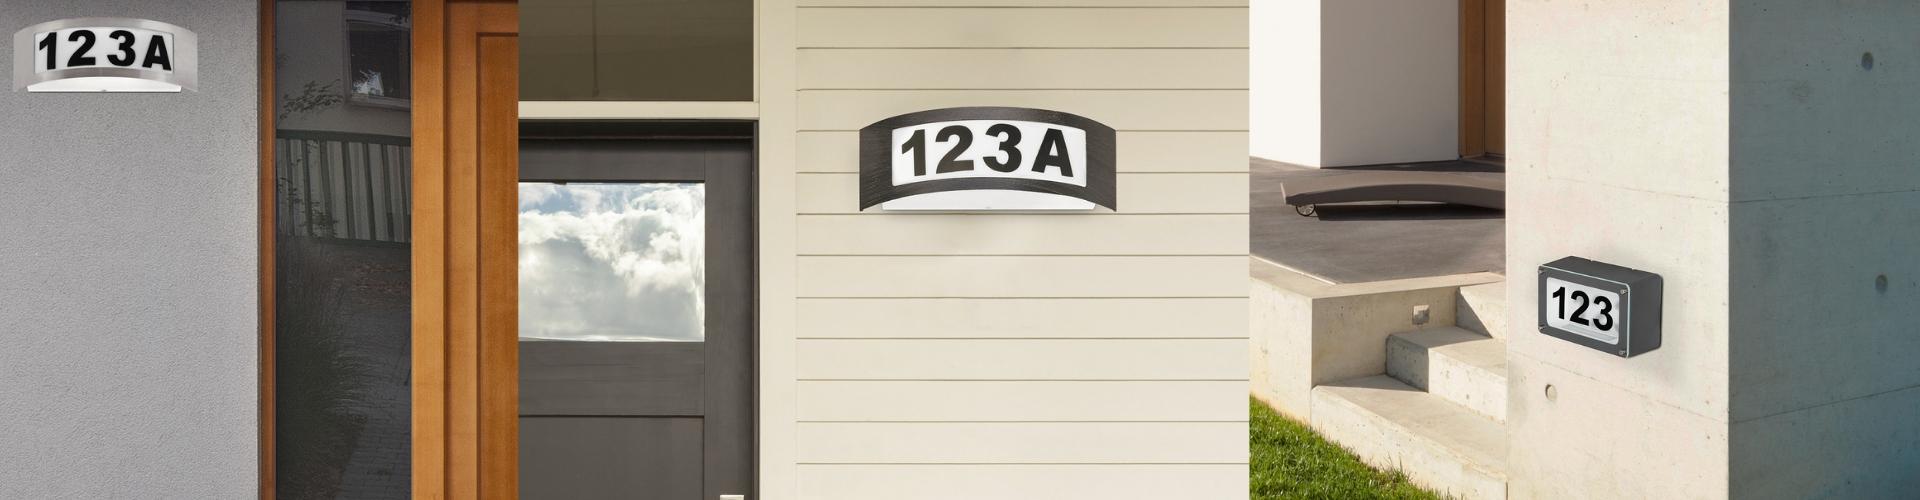 Oświetlenie numeryczne domów